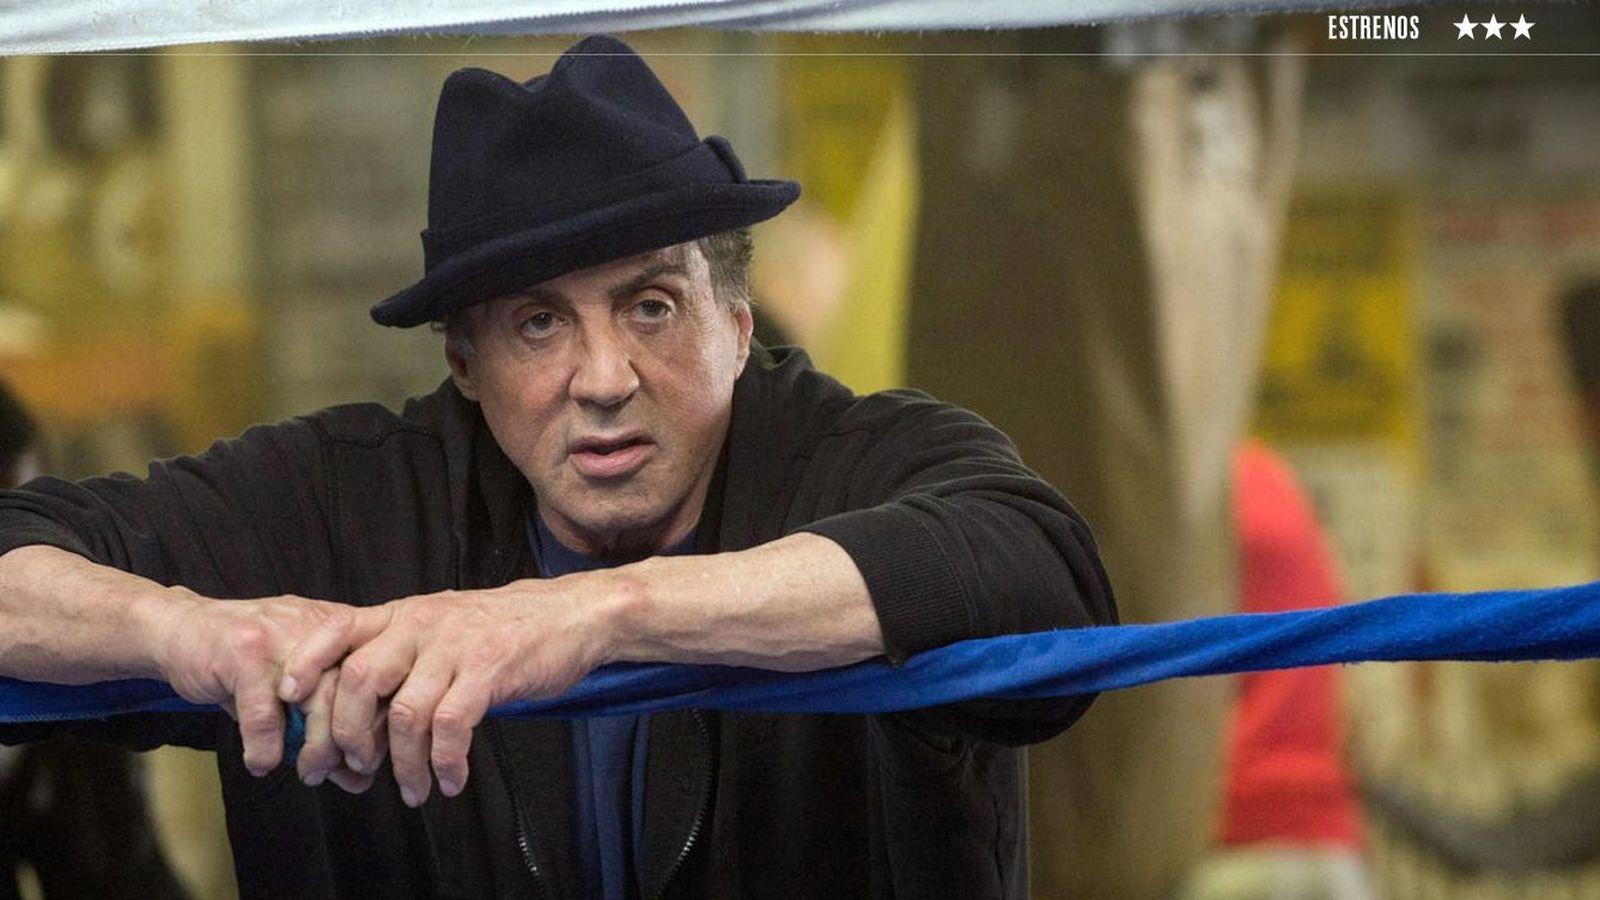 Foto: Sylvester Stallone en un fotograma de 'Creed'